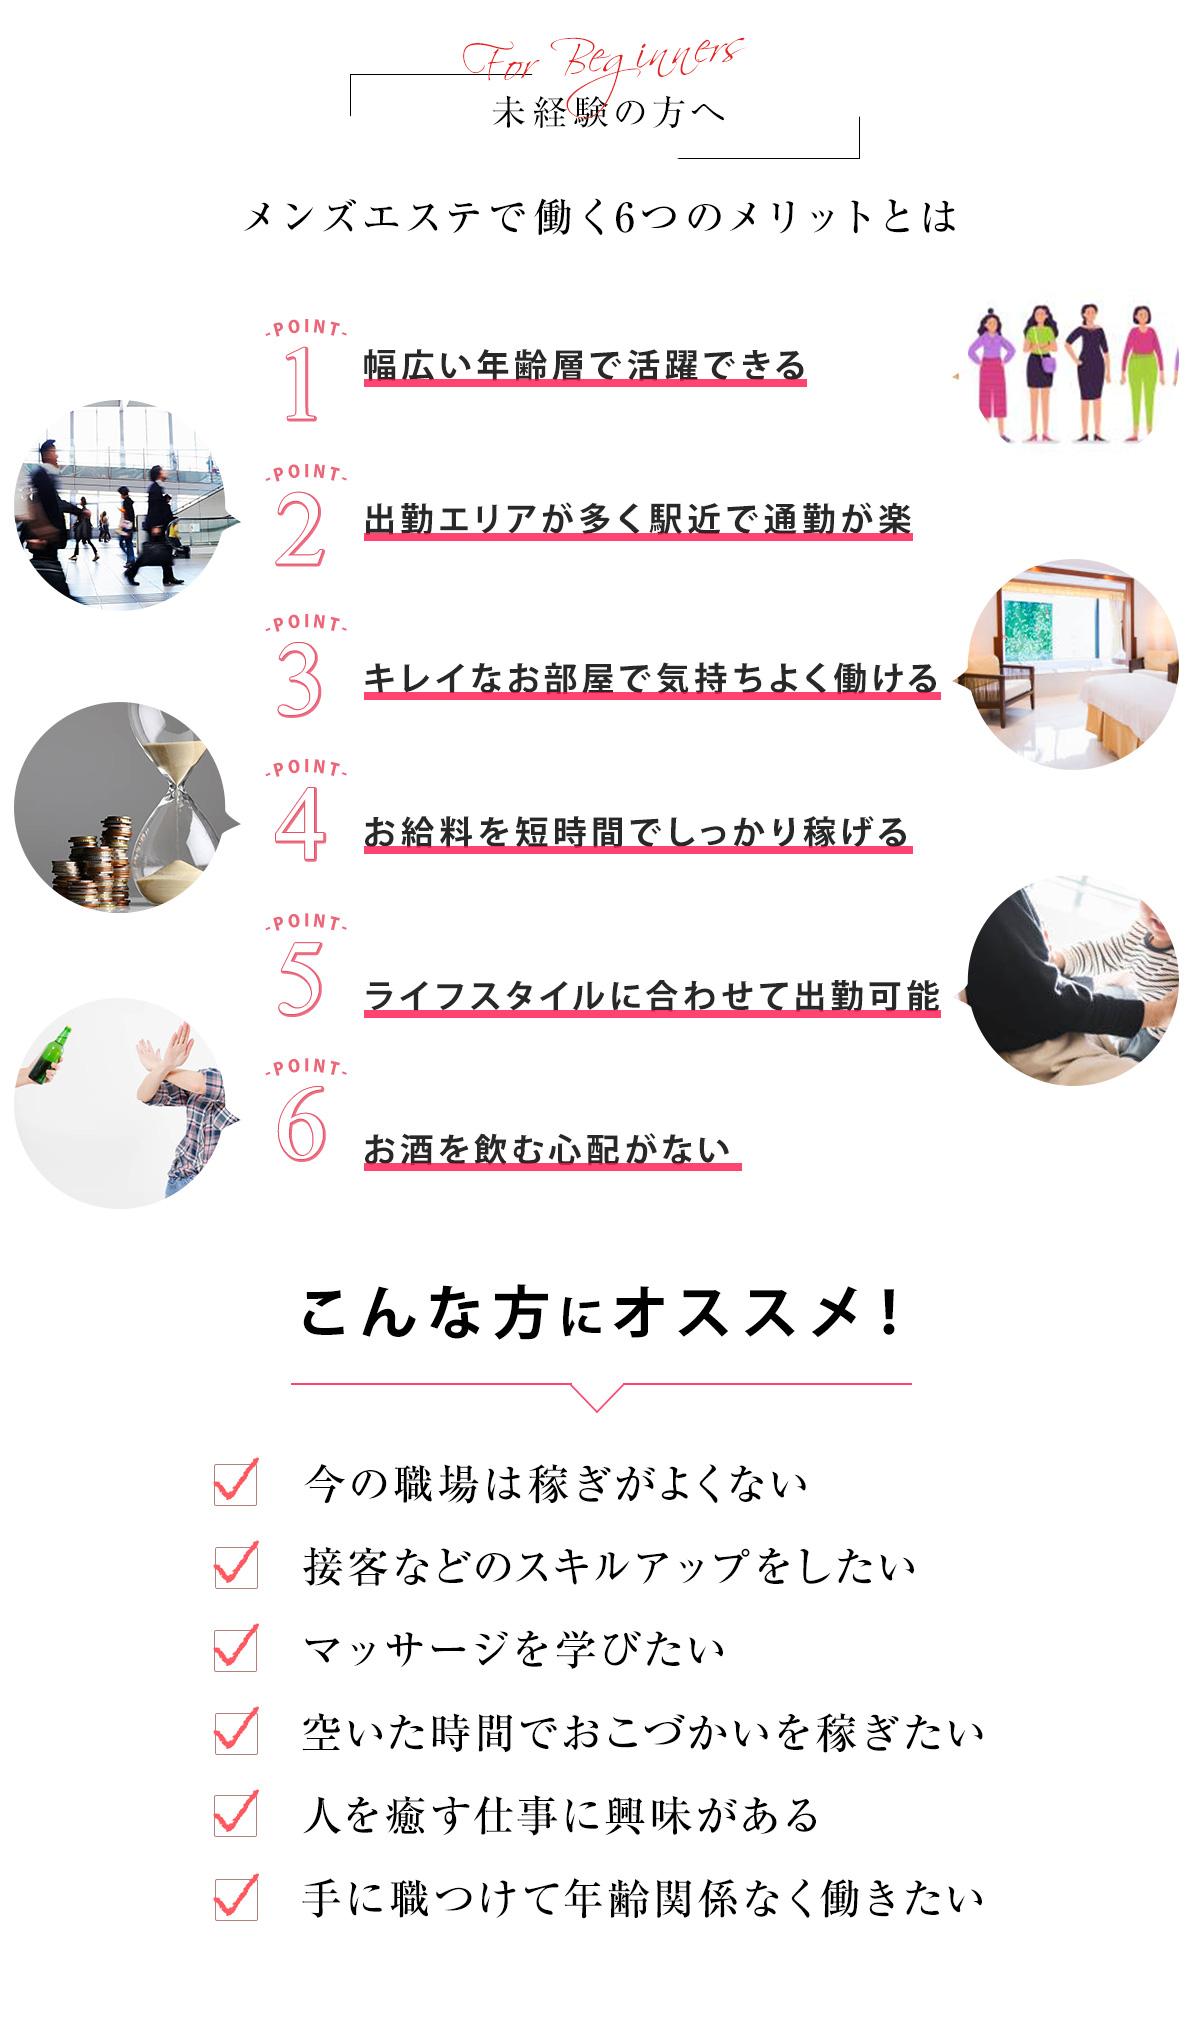 大阪、北新地の高級メンズエステ「アロマジュエル」